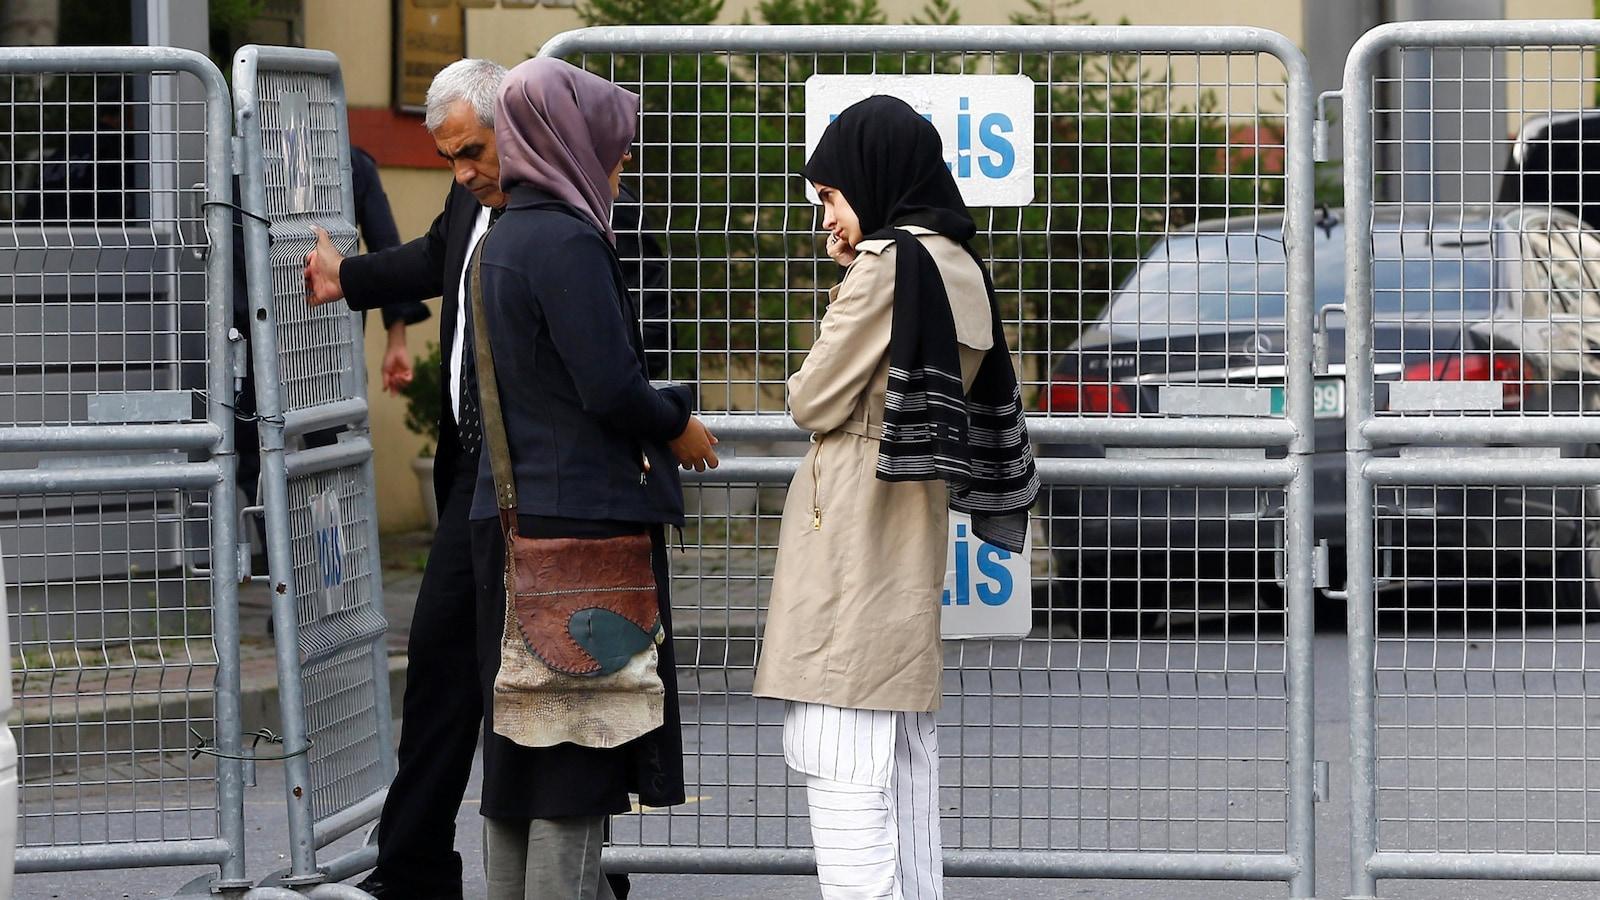 La fiancée (à gauche) du journaliste saoudien Jamal Khashoggi et son ami attendent devant le consulat d'Arabie saoudite à Istanbul, en Turquie, le 3 octobre 2018.